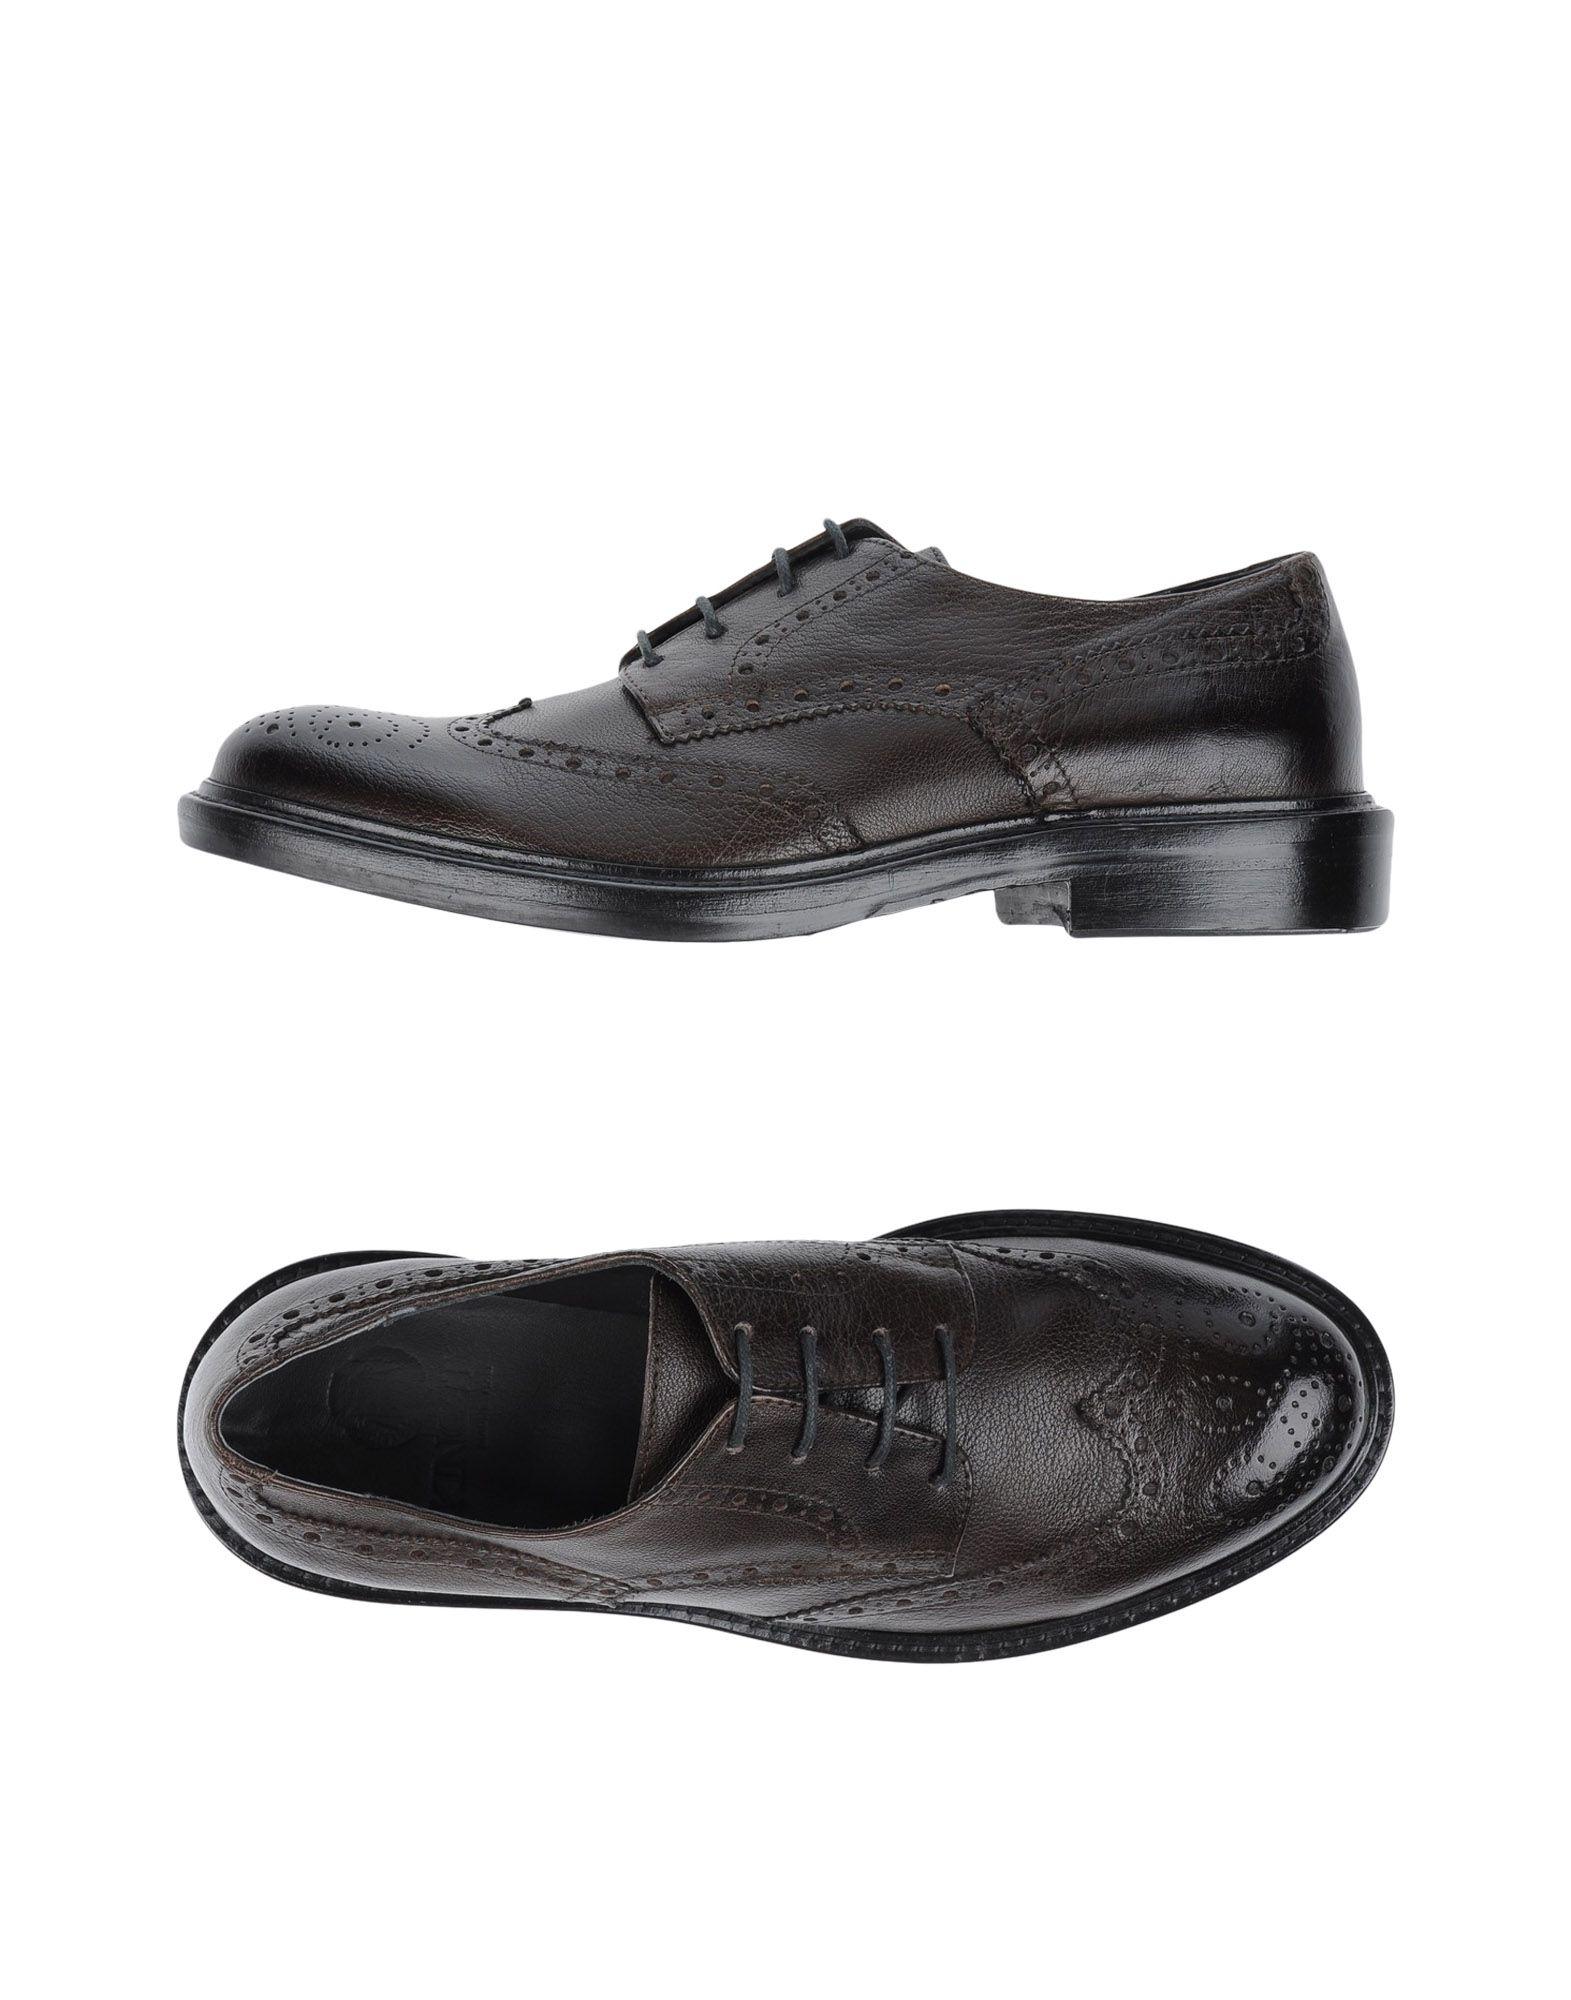 Kingston Schnürschuhe Herren  11266515IS Heiße Schuhe